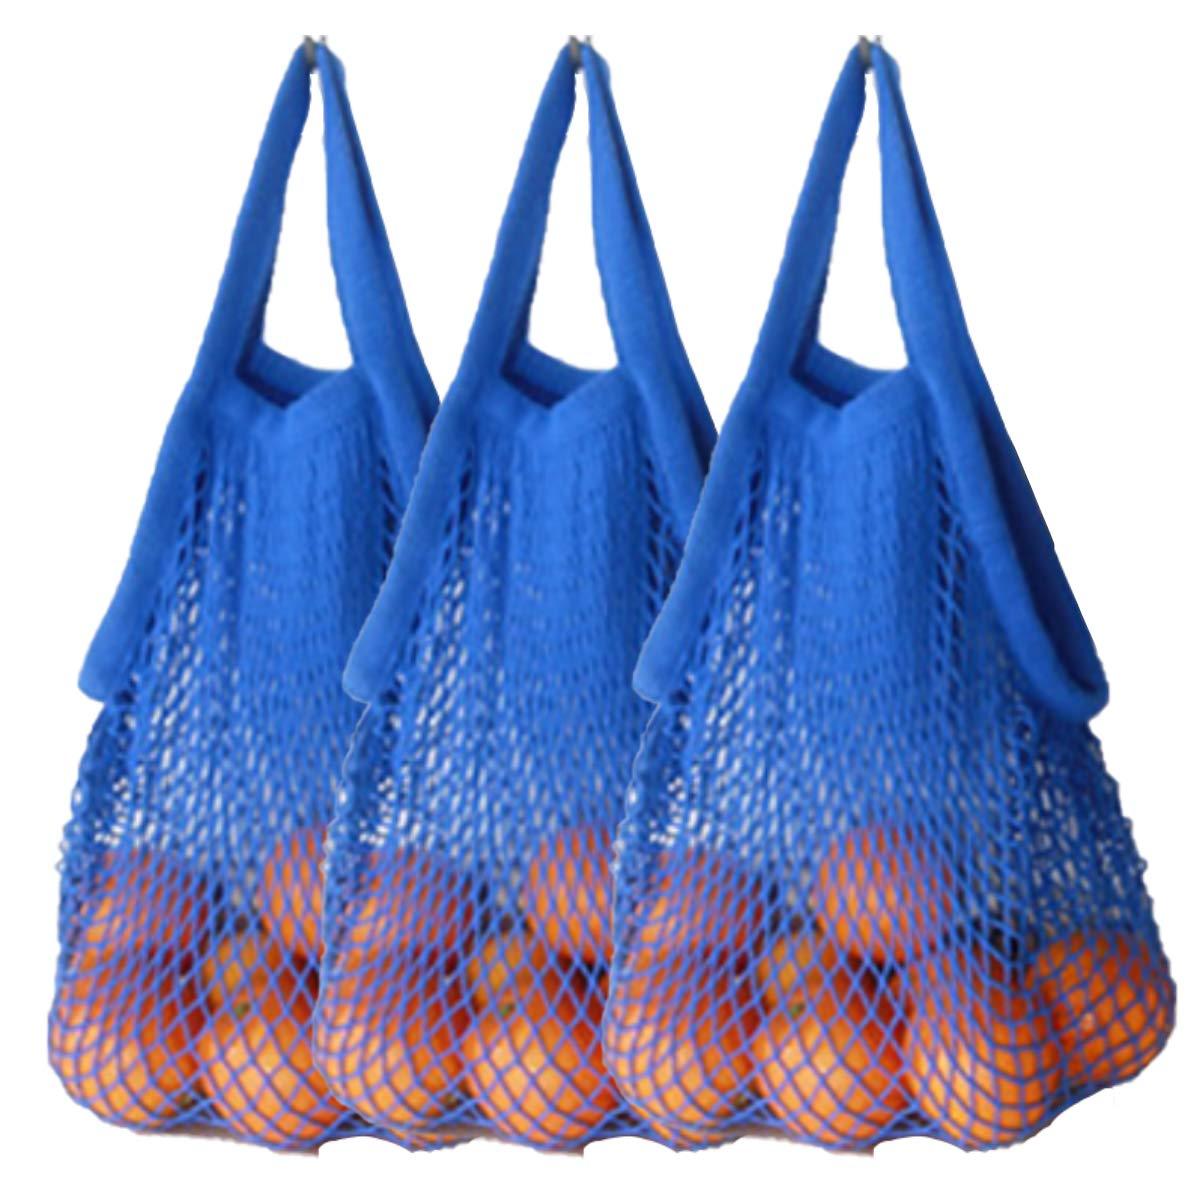 2019年秋冬新作 ahyuan Reusable ブルー Grocery ブルー Bagsコットン文字列バッグメッシュバッグのセット3 B07123S1QF B07123S1QF ブルー ブルー, ルイボスファクトリー:5d52285f --- 4x4.lt